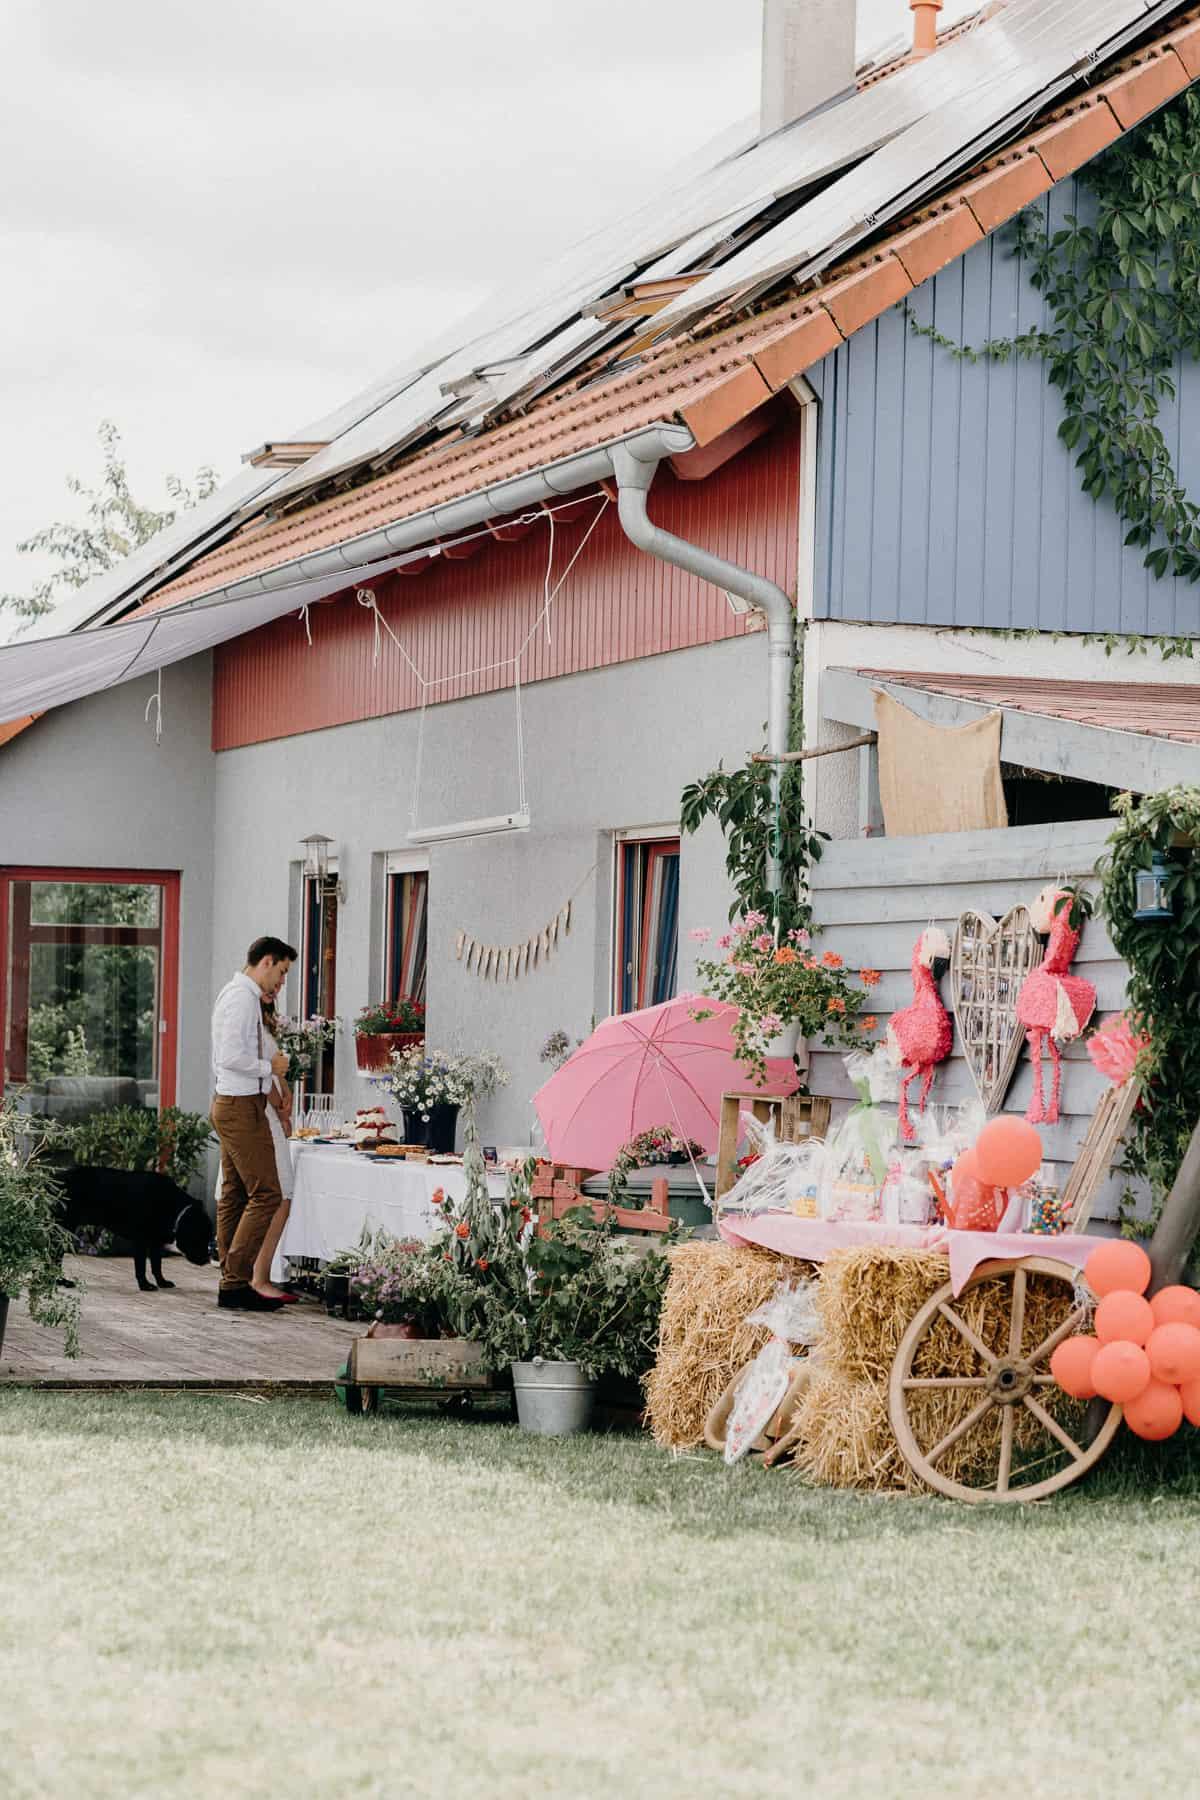 Hochzeitsfotograf Lörrach Freiburg Basel Familienfotograf Hochzeit Sommer Landhaus Dekoration Flamingos